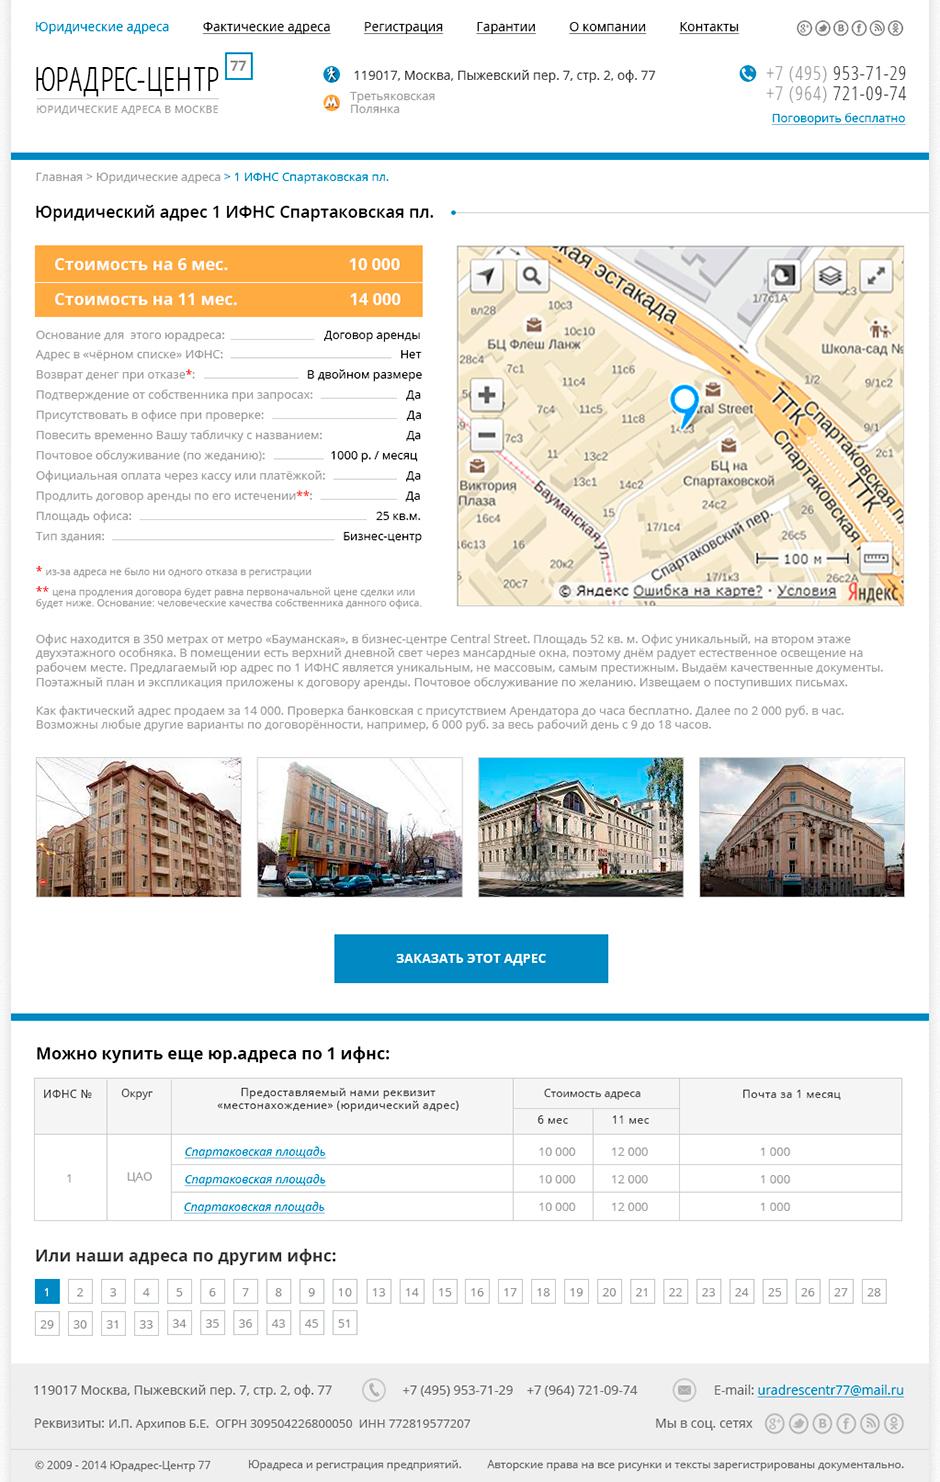 редизайн сайта компании юрадрес77 карточка юрадреса